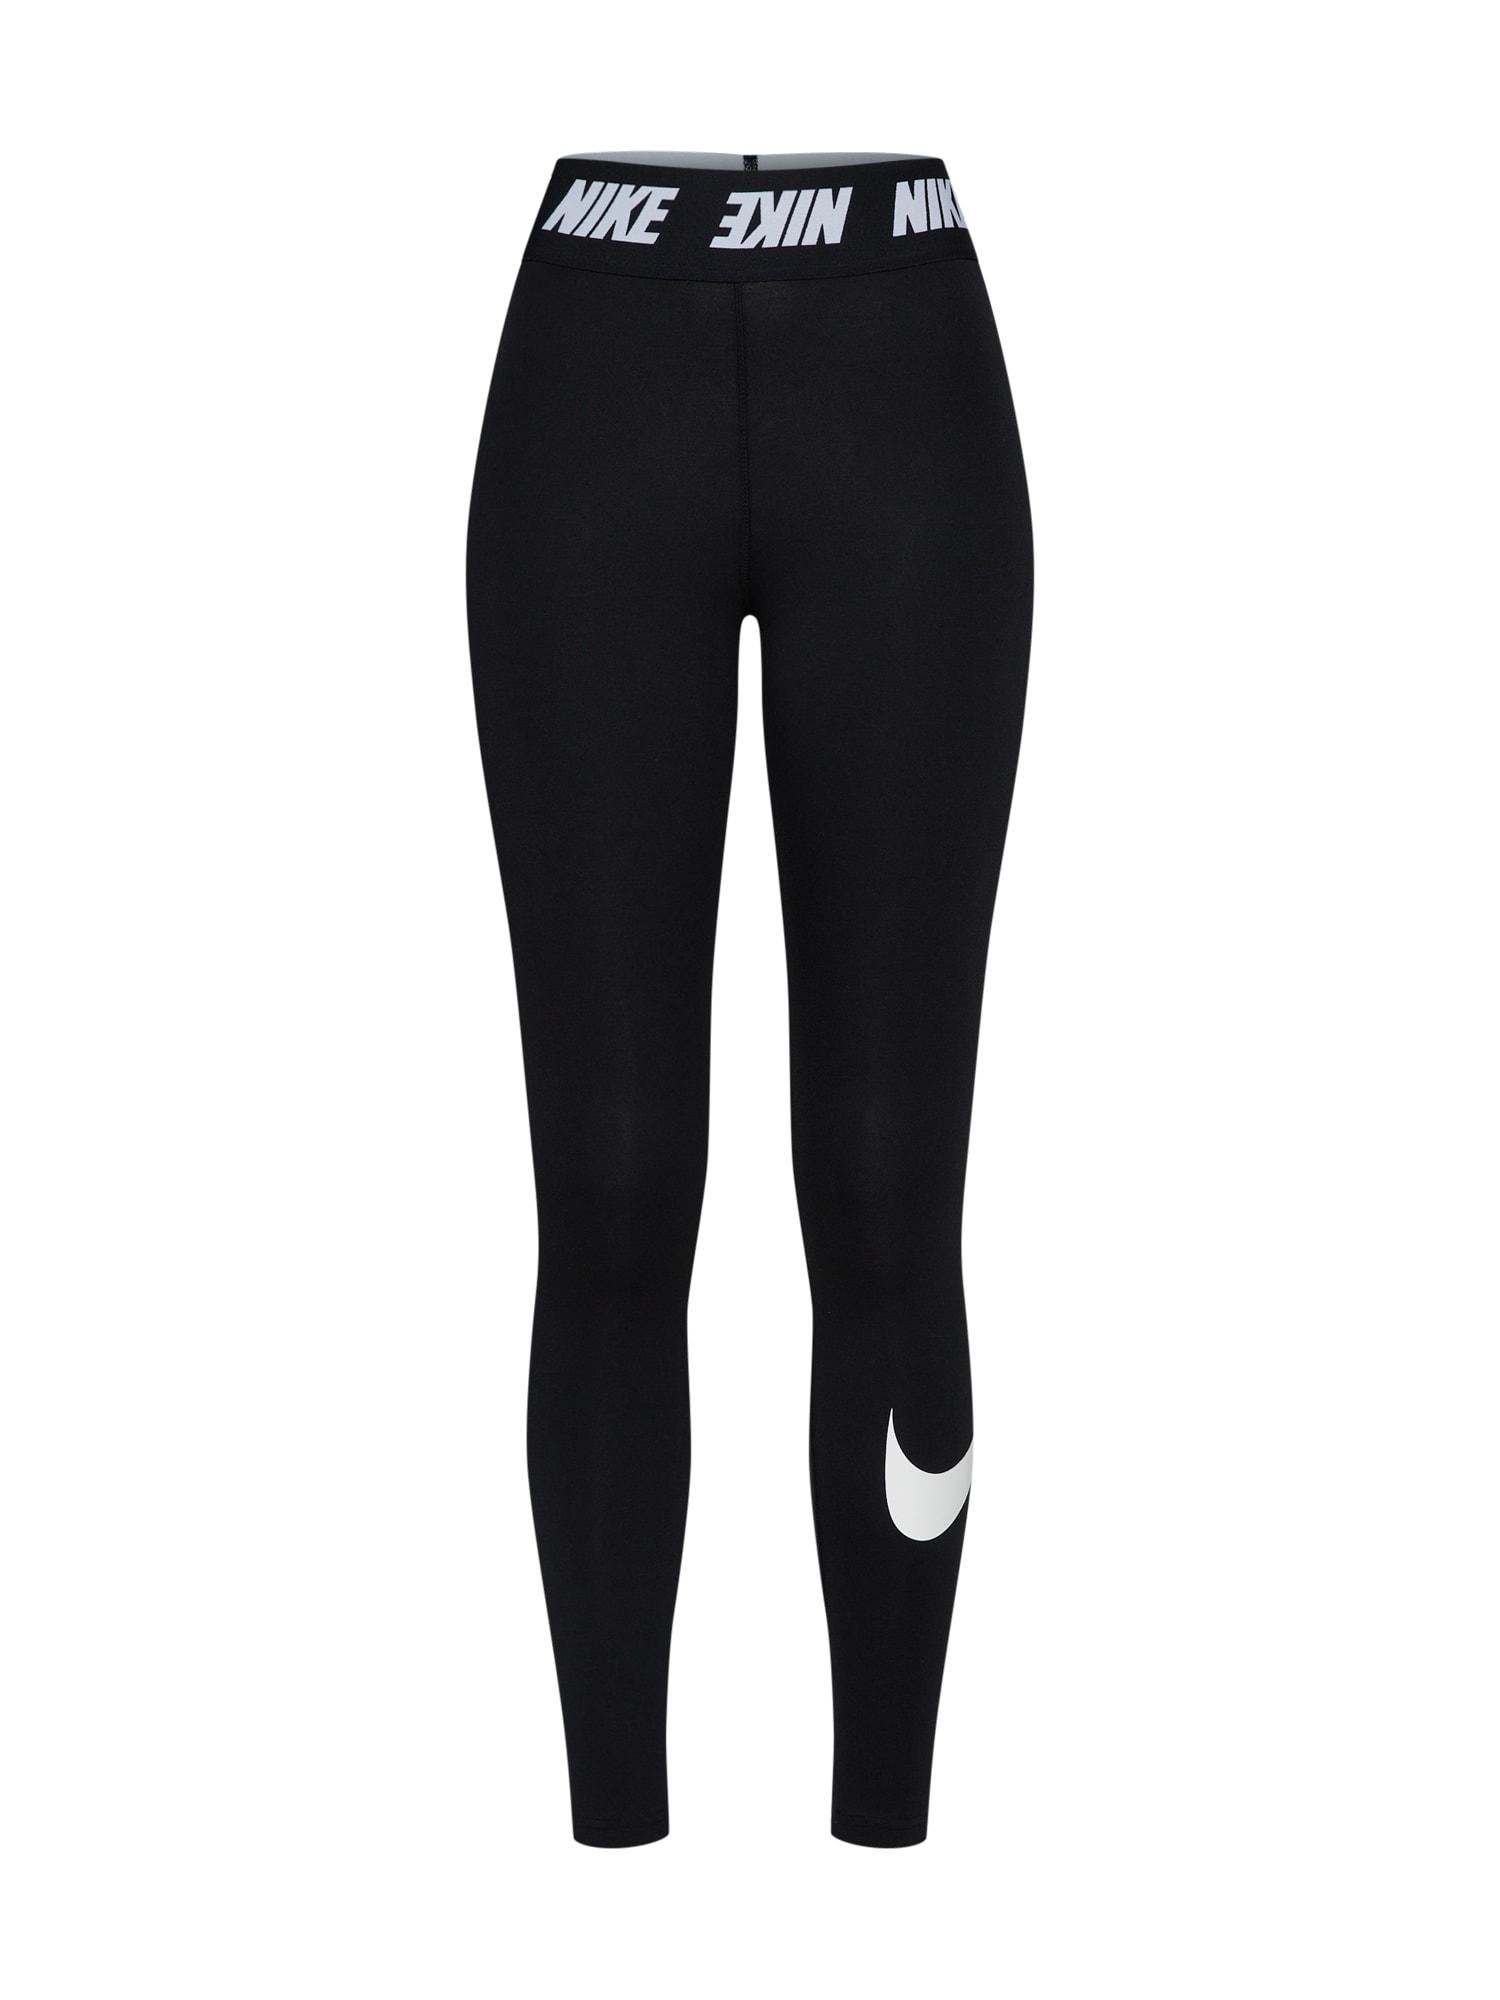 Leggings | Bekleidung > Hosen > Leggings | Nike Sportswear